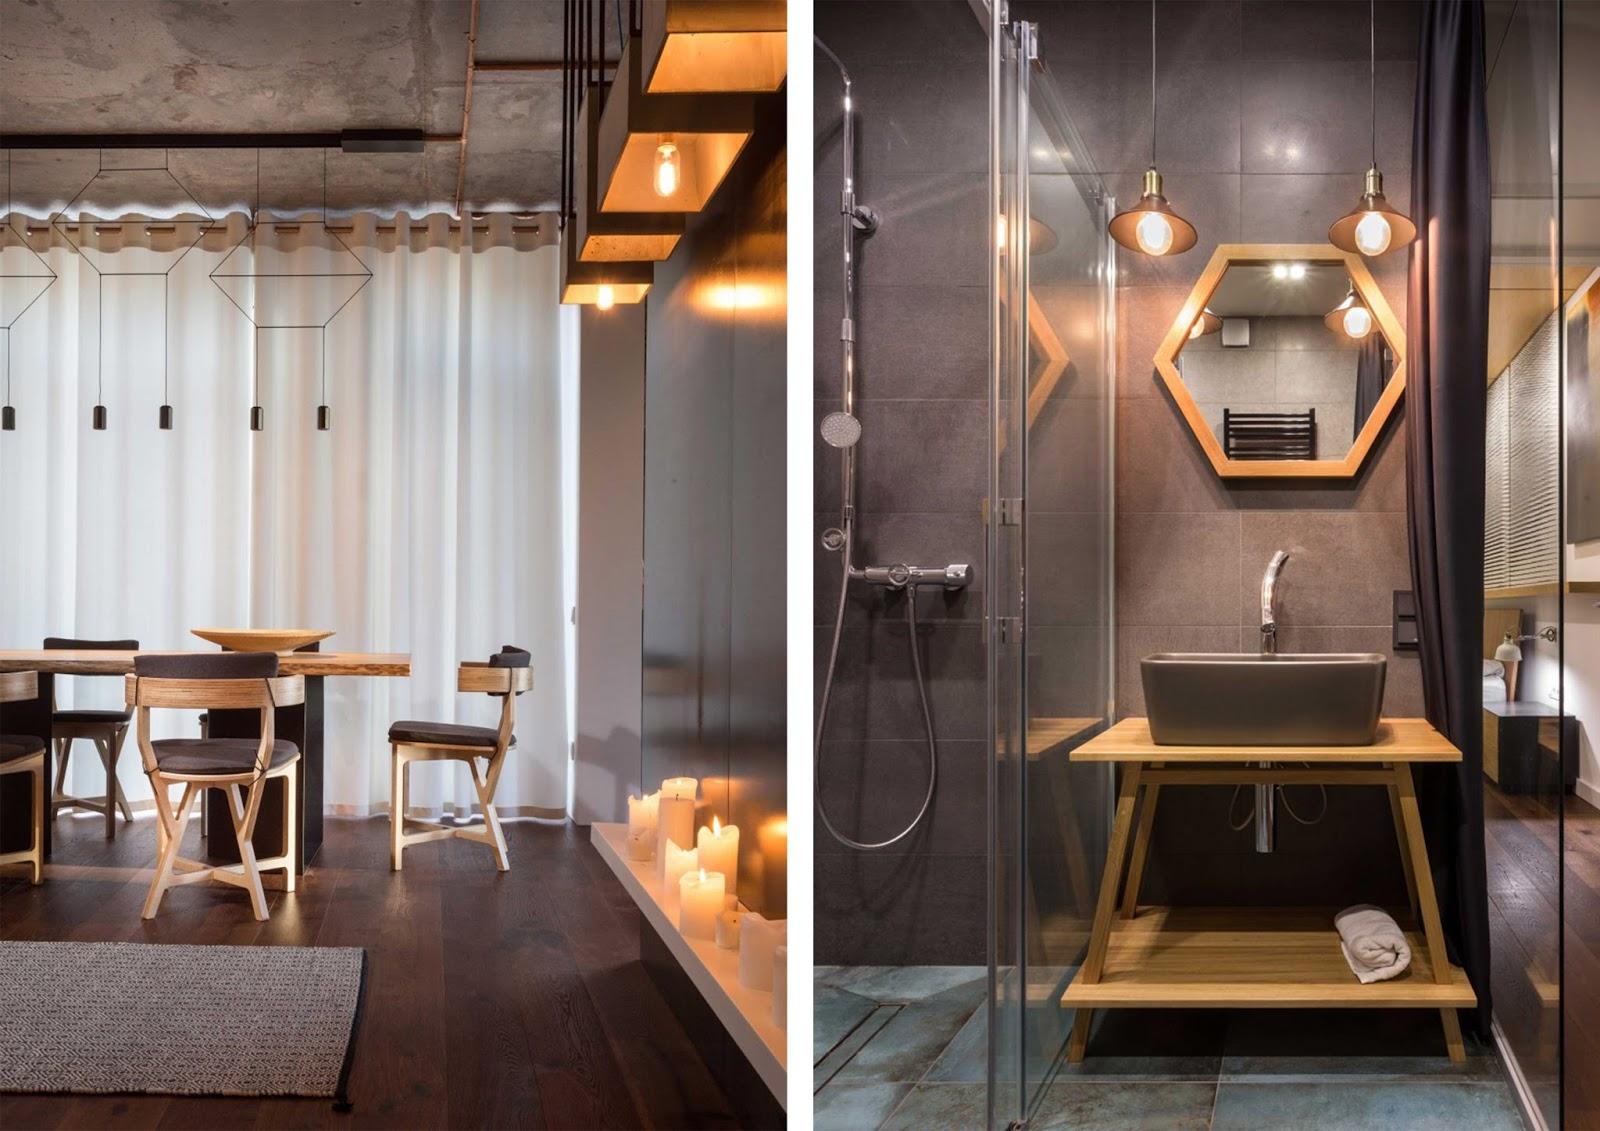 Appartamento in stile moderno e industriale a kiev by for Appartamento stile moderno